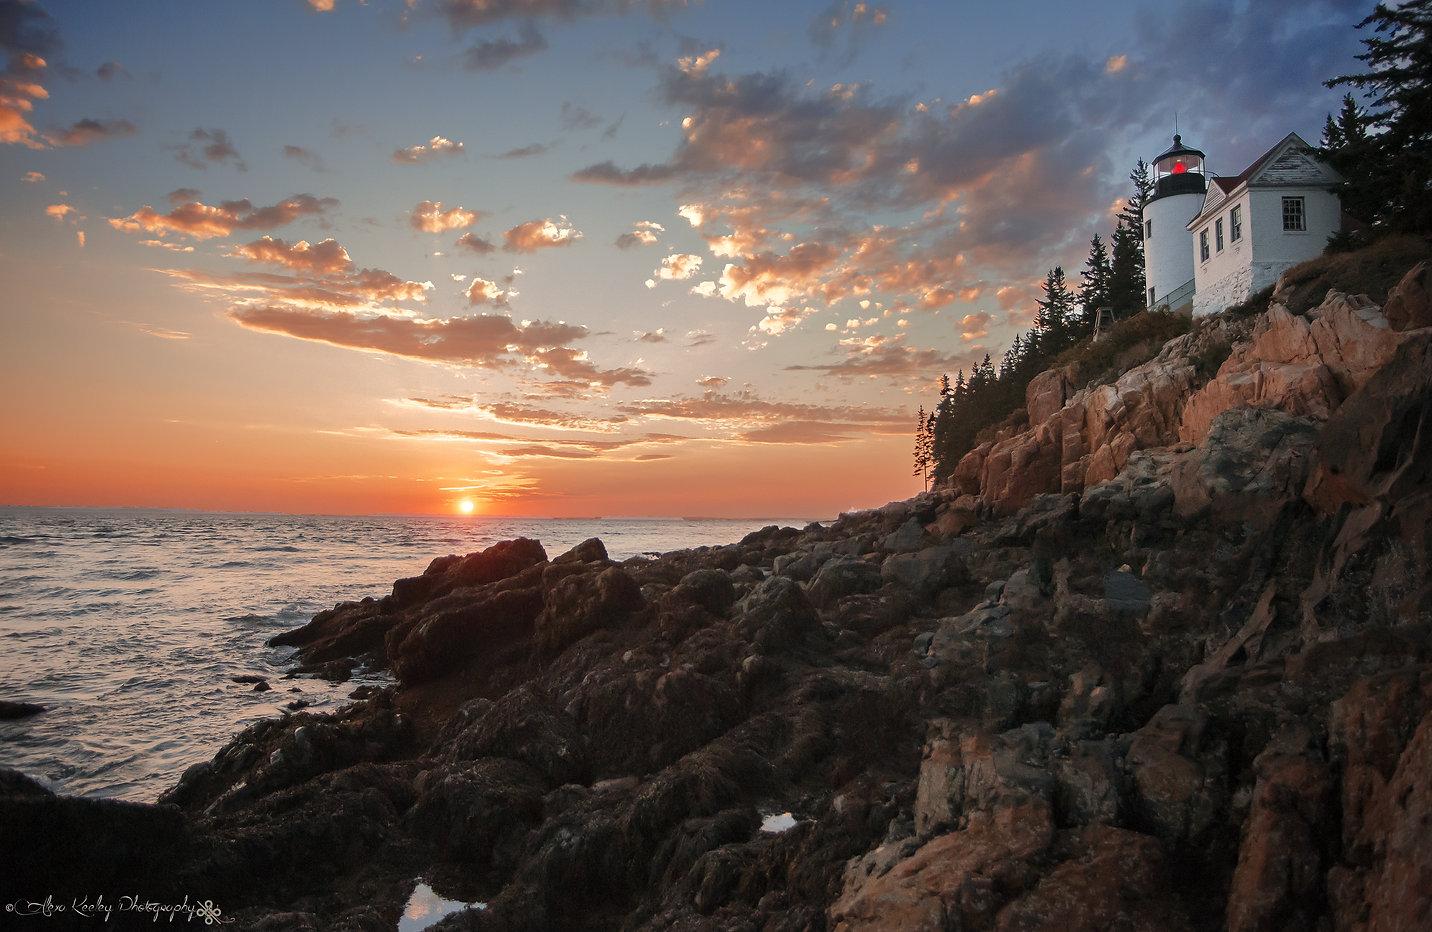 bass harbor head lighthouse.jpg